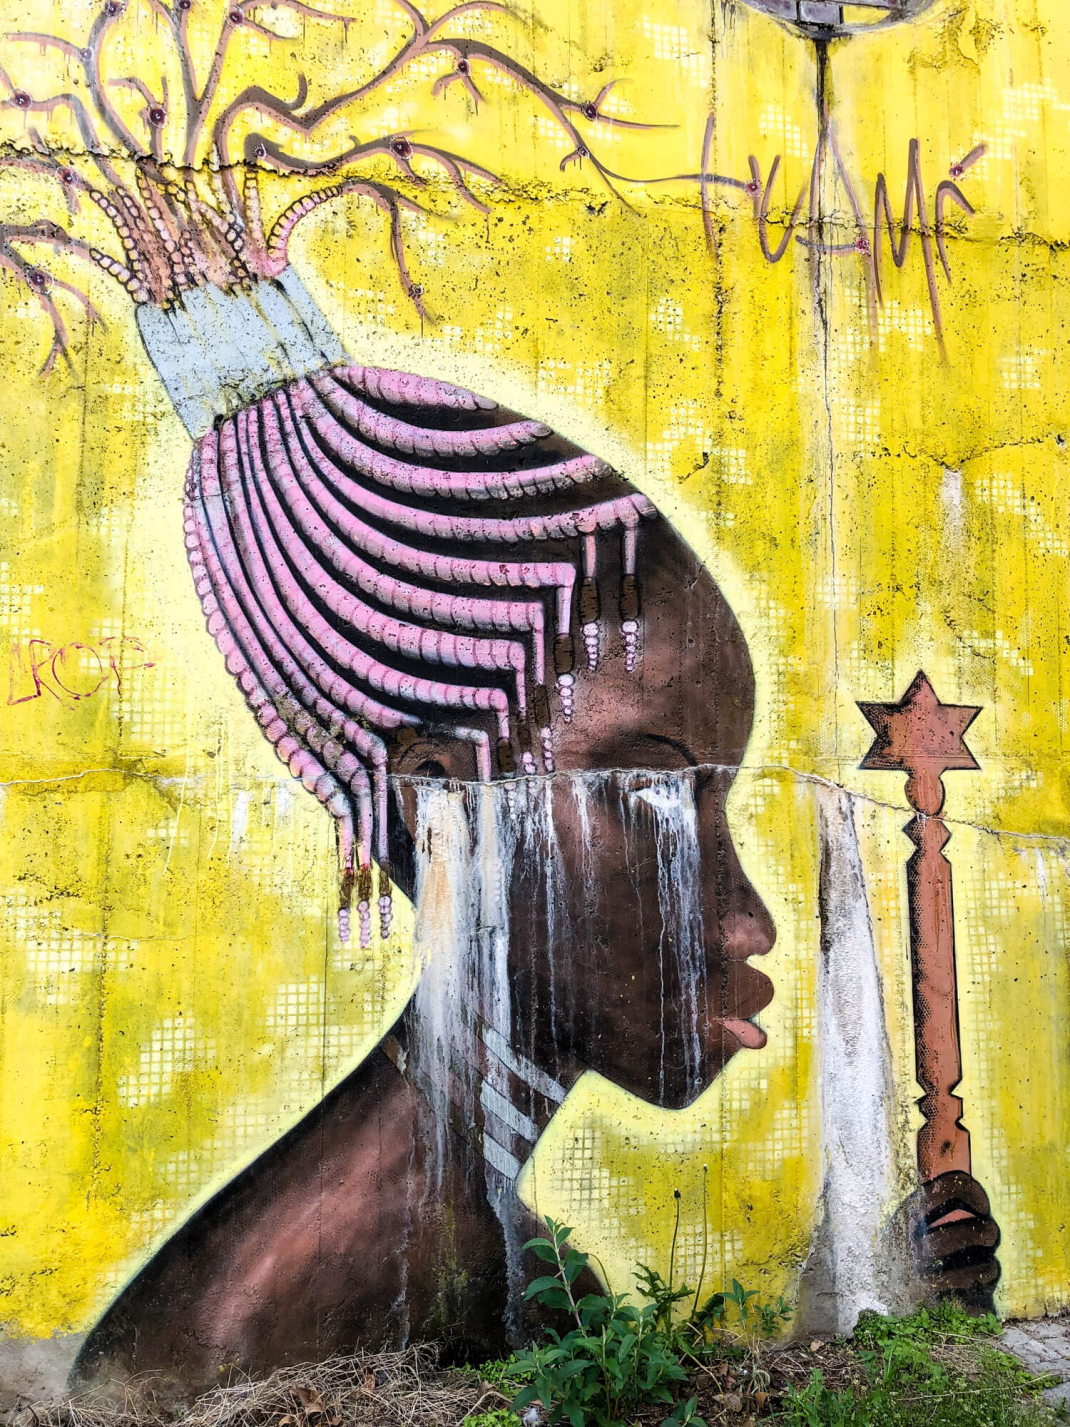 Street Art Guide Köln Mural von Huami City Leaks Festival Ehrenfeld